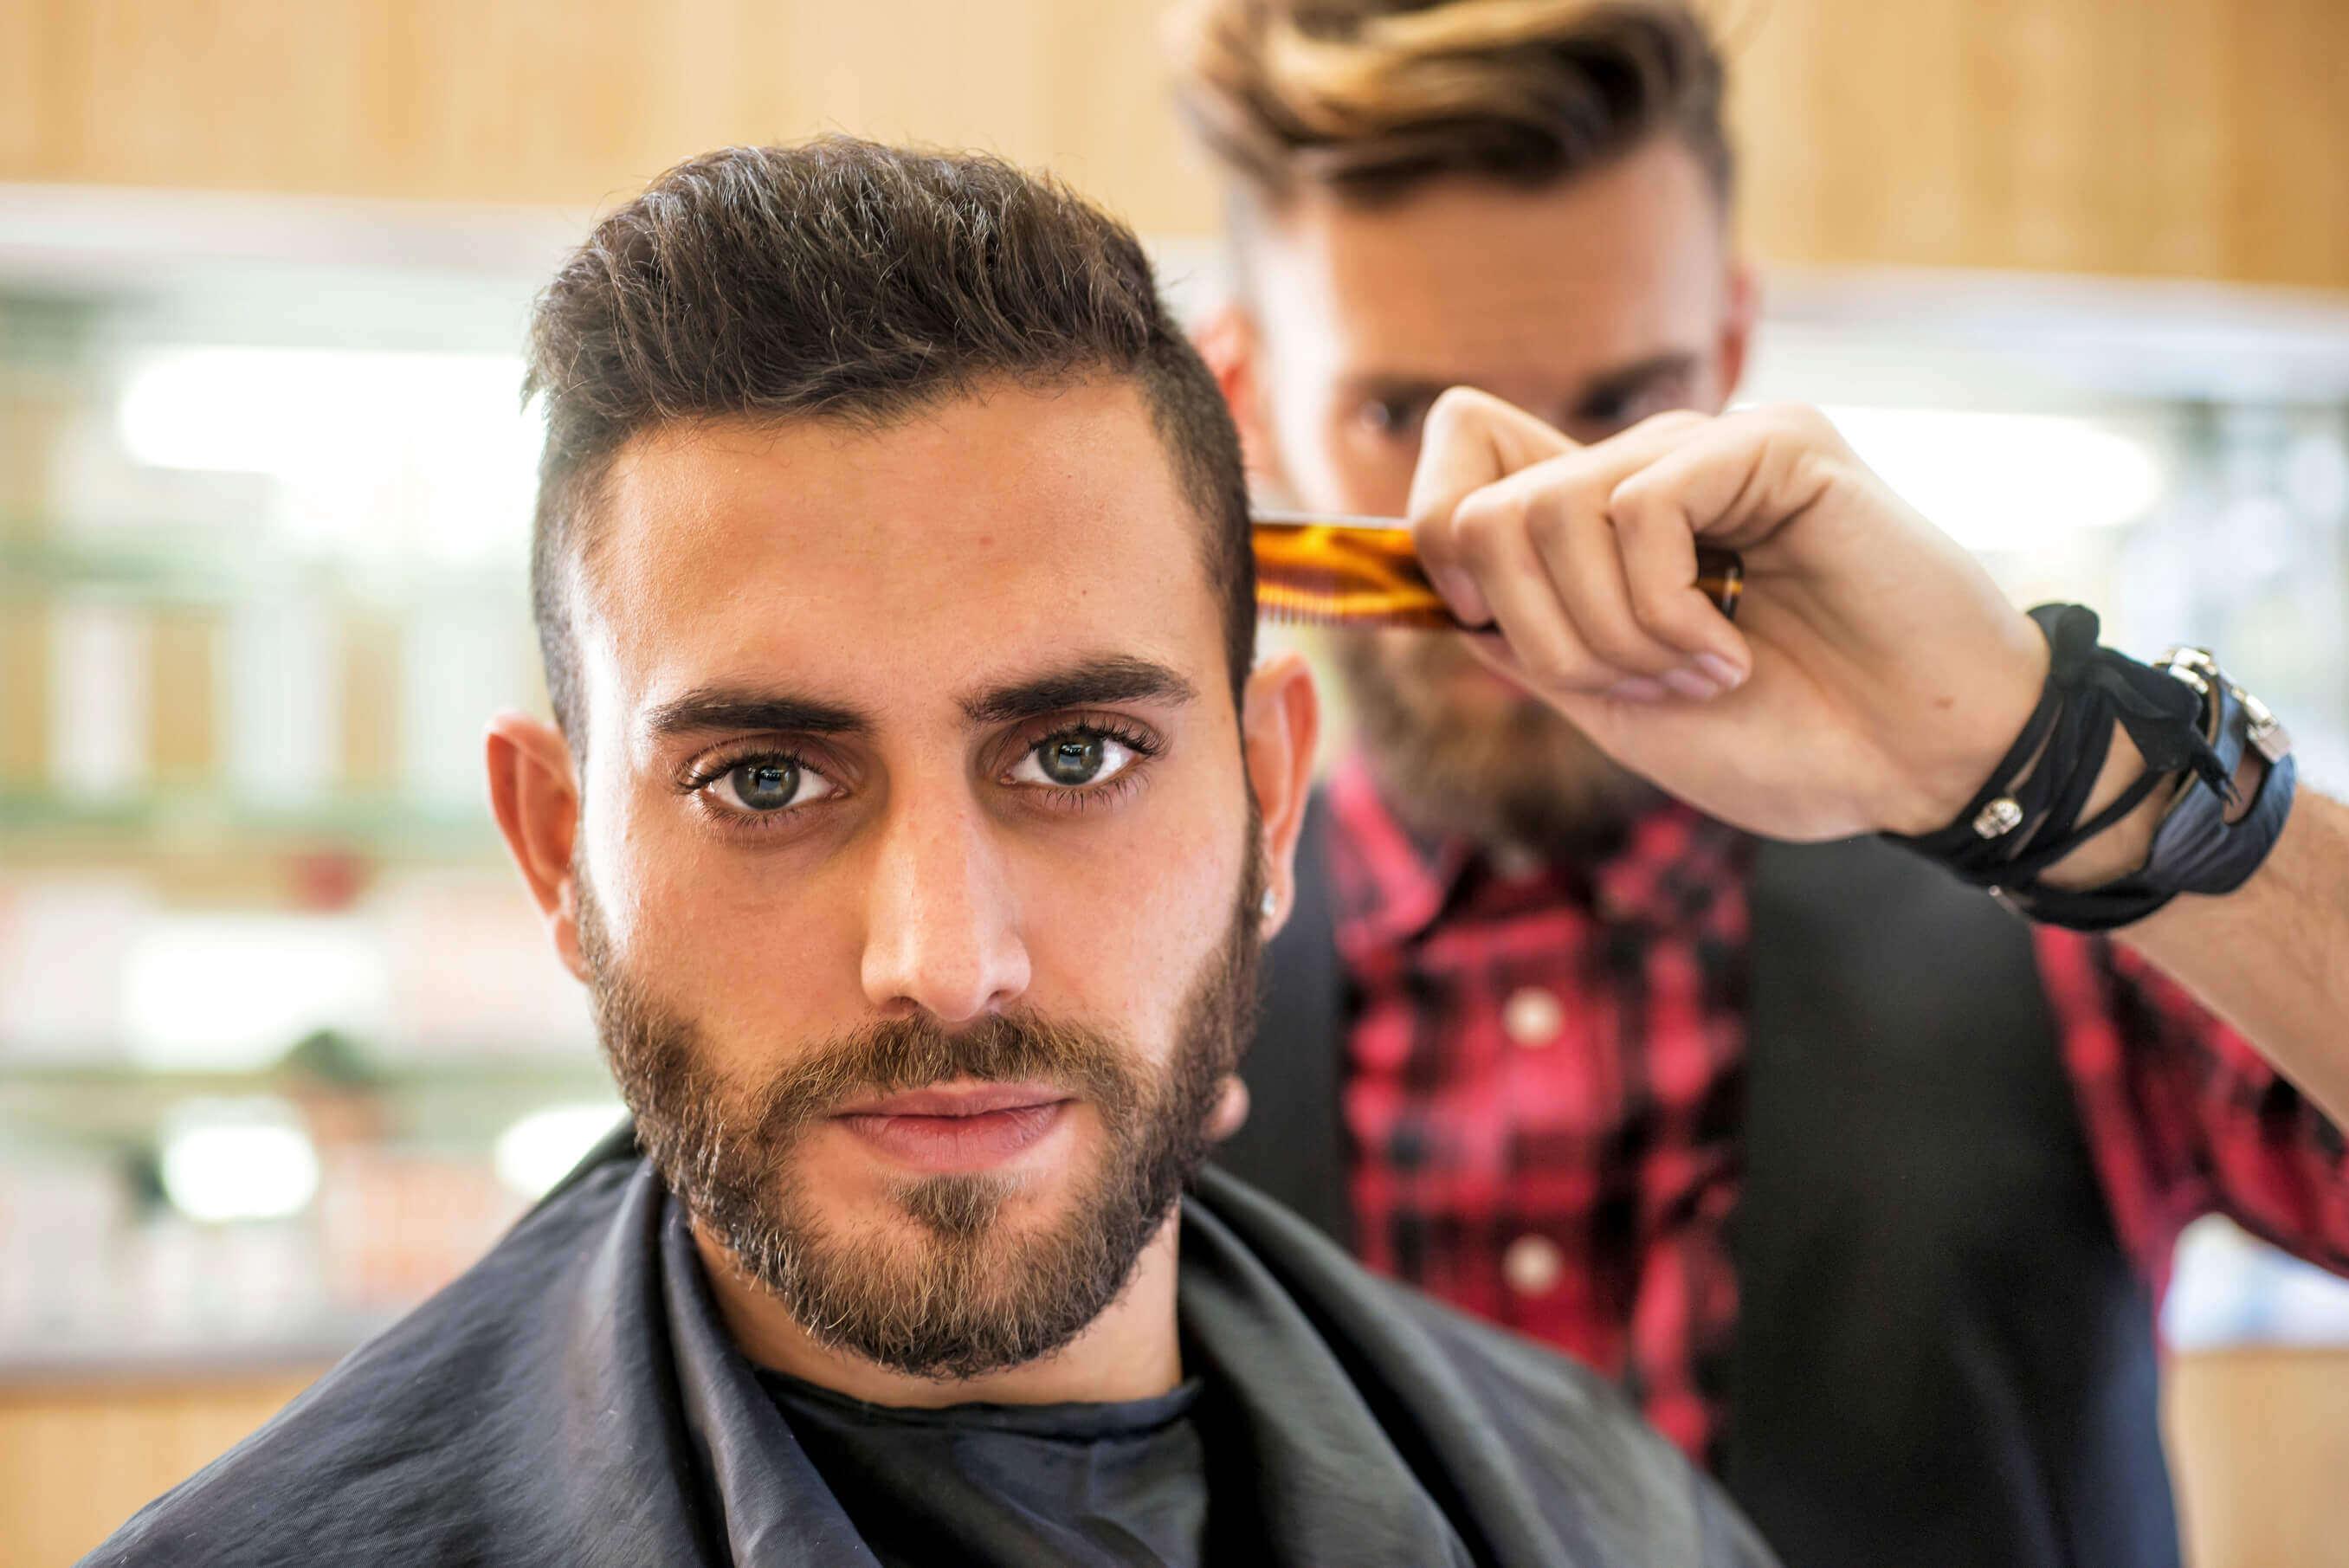 Short haircut barber tips